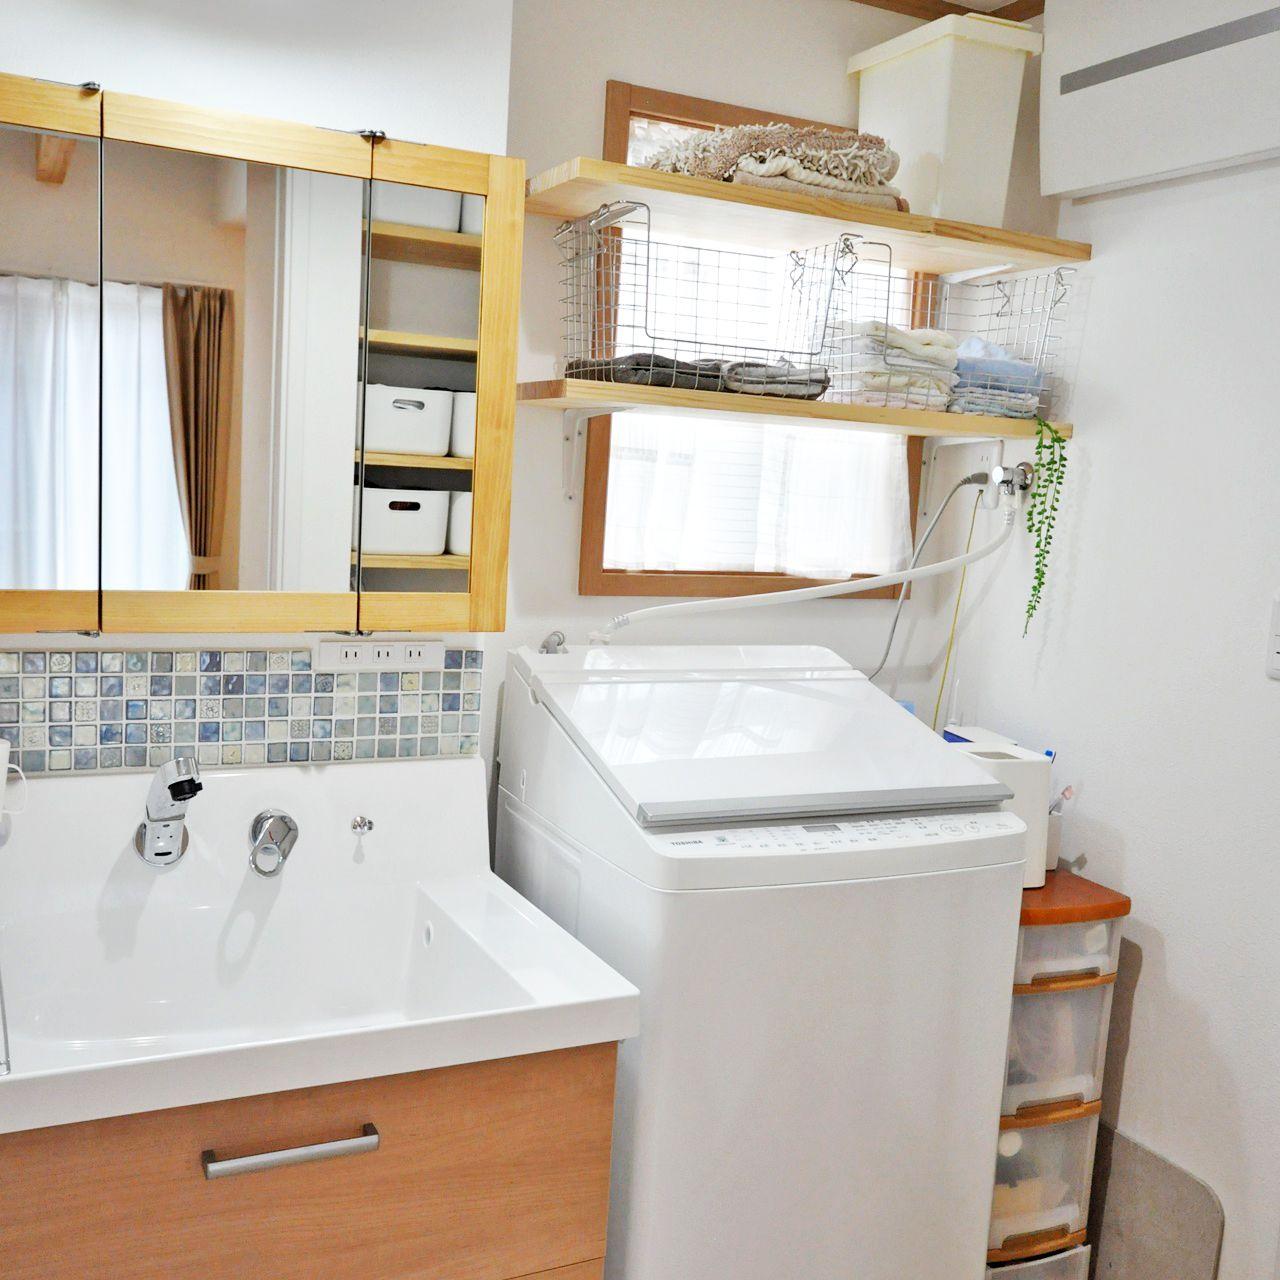 木枠の三面鏡やタイルを貼って可愛くアレンジ 三面鏡 木枠 モザイクタイル 洗面所